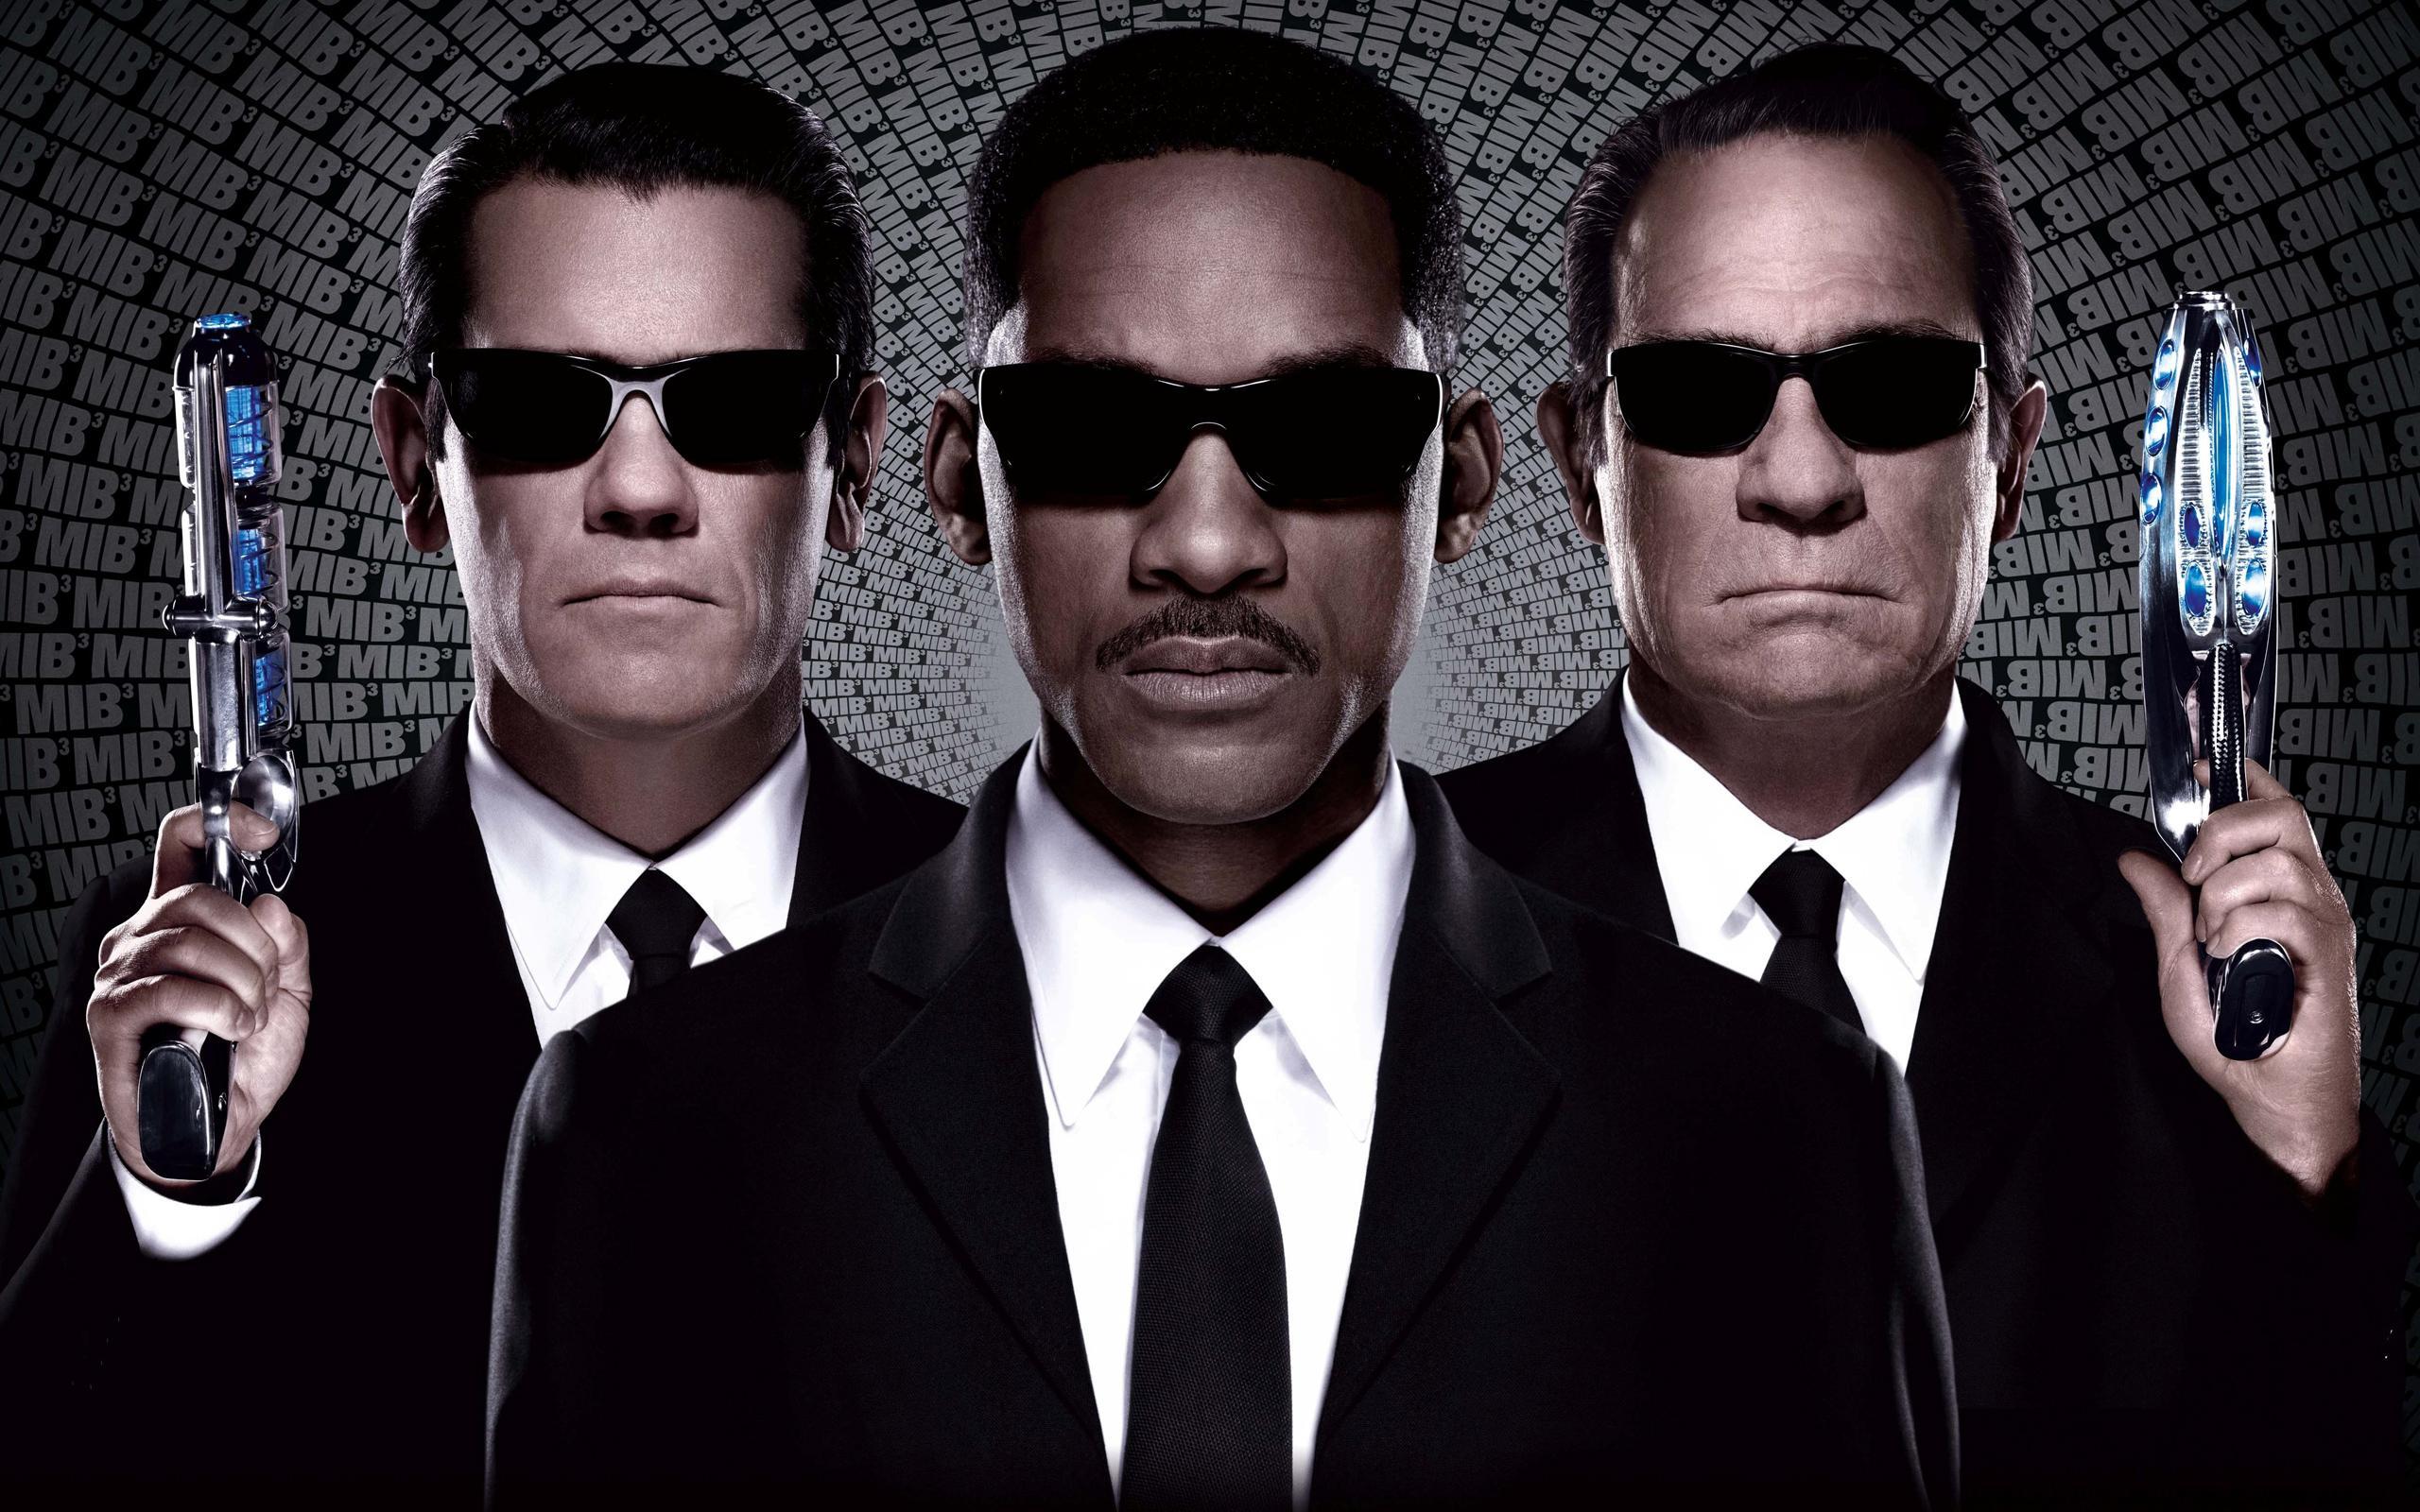 Men com black